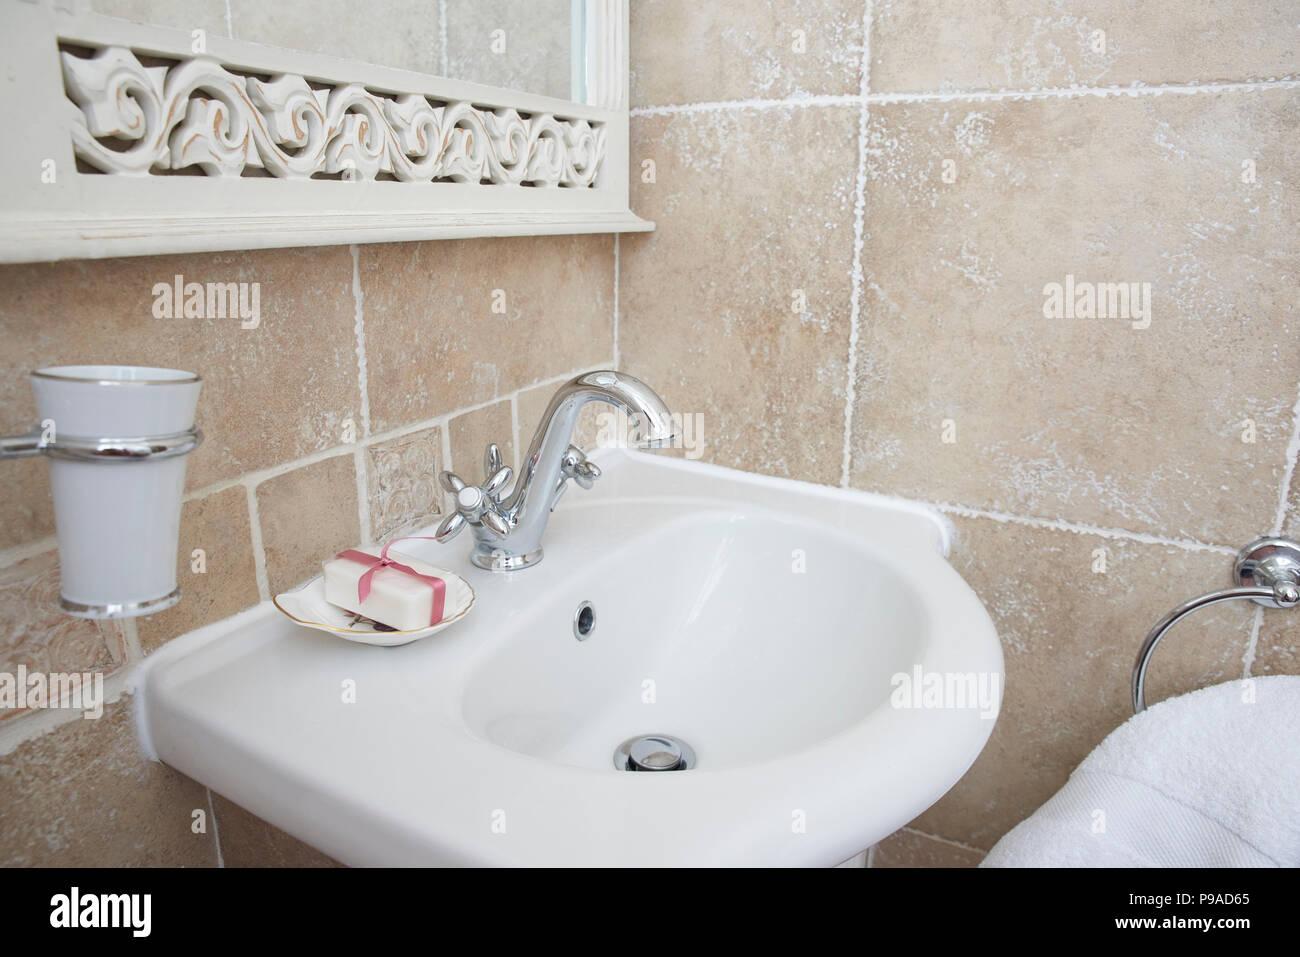 Schuss der Badezimmer mit Waschbecken Waschtisch Armatur. Chrom ...